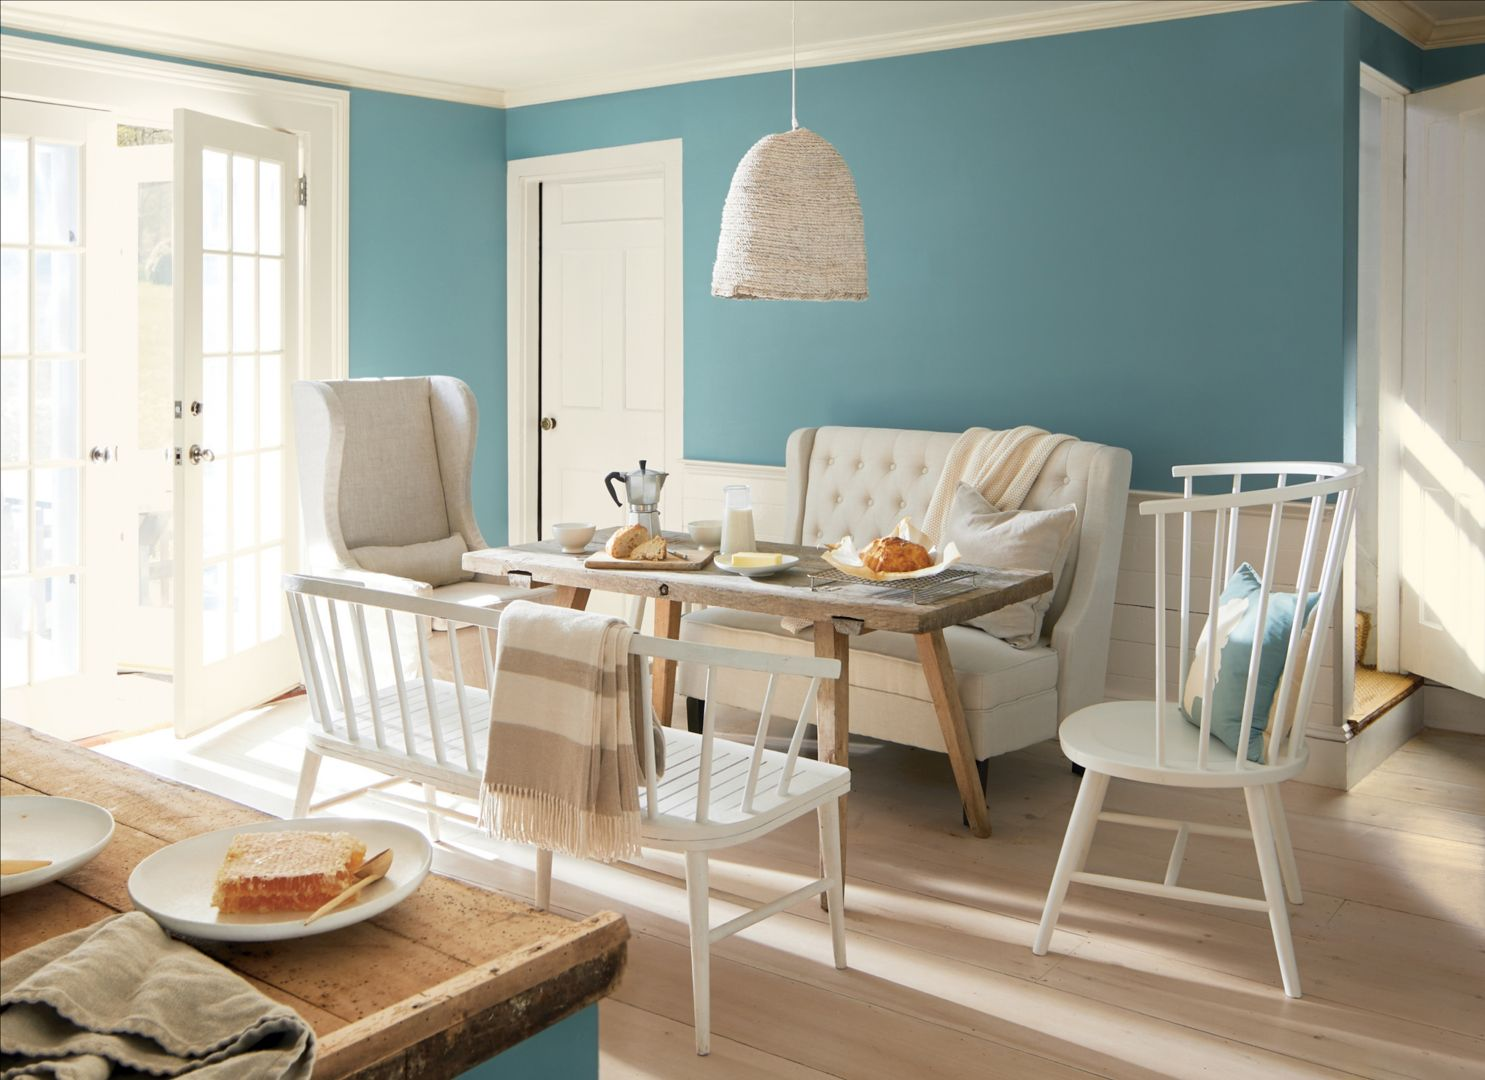 """Kolor """"Aegean Teal 2136-40"""" okazuje się idealnym wyborem nie tylko dla ścian, ale także mebli. Fot. Benjamin Moore"""